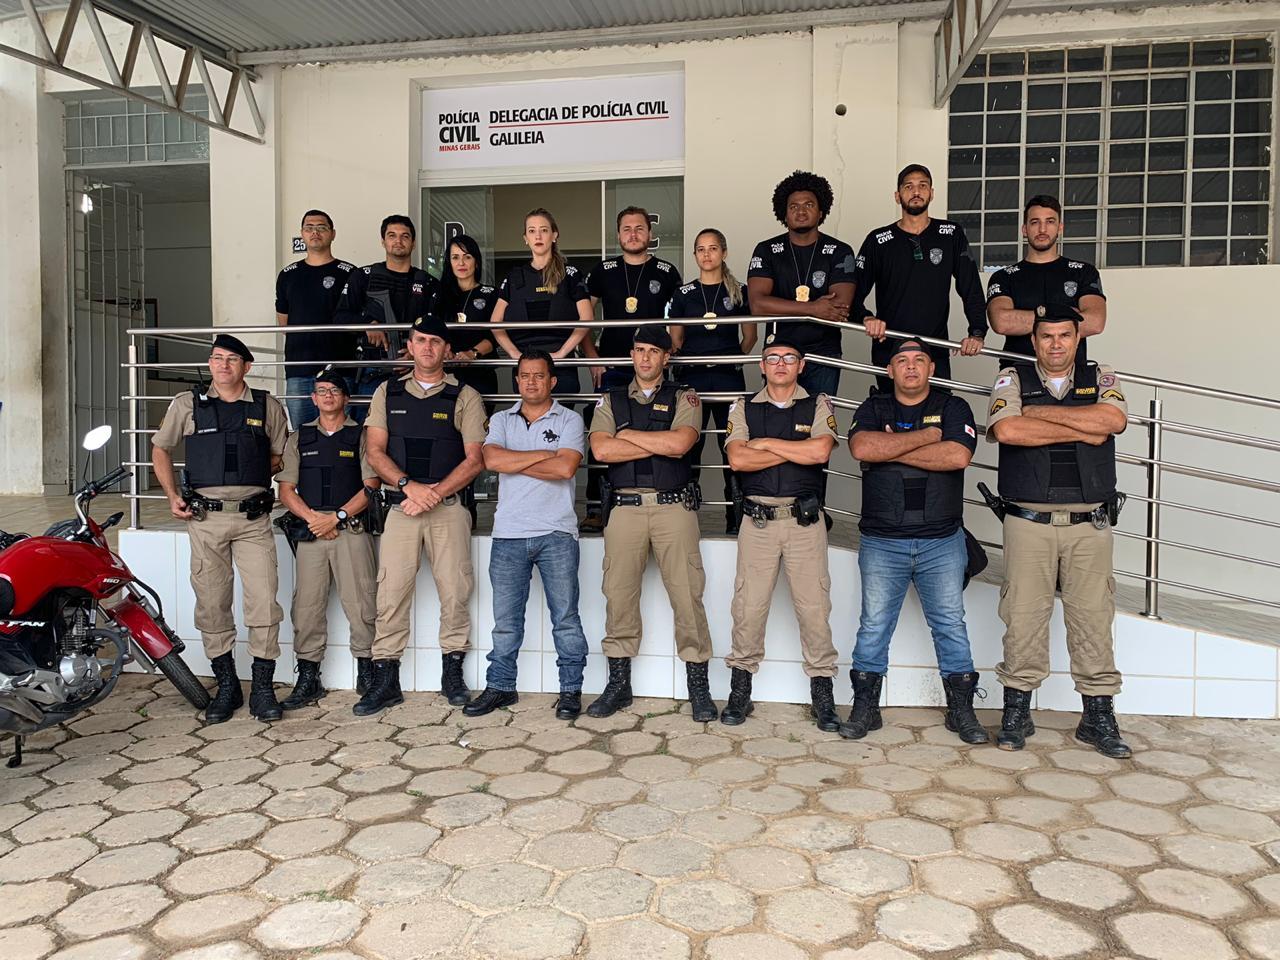 AÇÃO CONJUNTA DAS POLÍCIAS CIVIL E MILITAR PRENDEM TRAFICANTES, DROGAS E ARMA EM GALILEIA